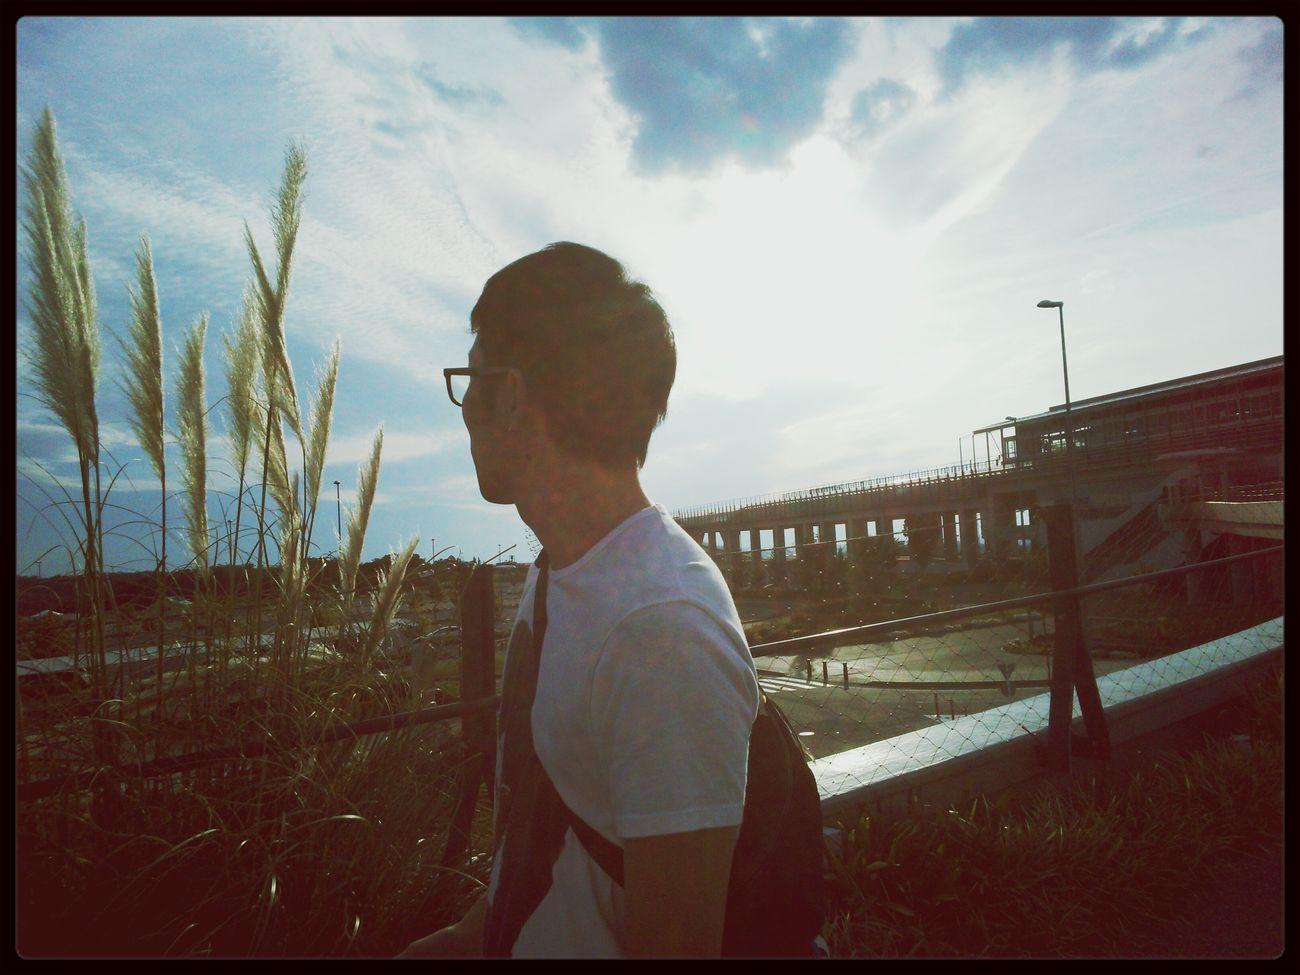 Datingdays 愛・地球博記念公園  ナビがおかしくてひと駅分歩いた… 昼ごはんも食べずに過酷(笑)